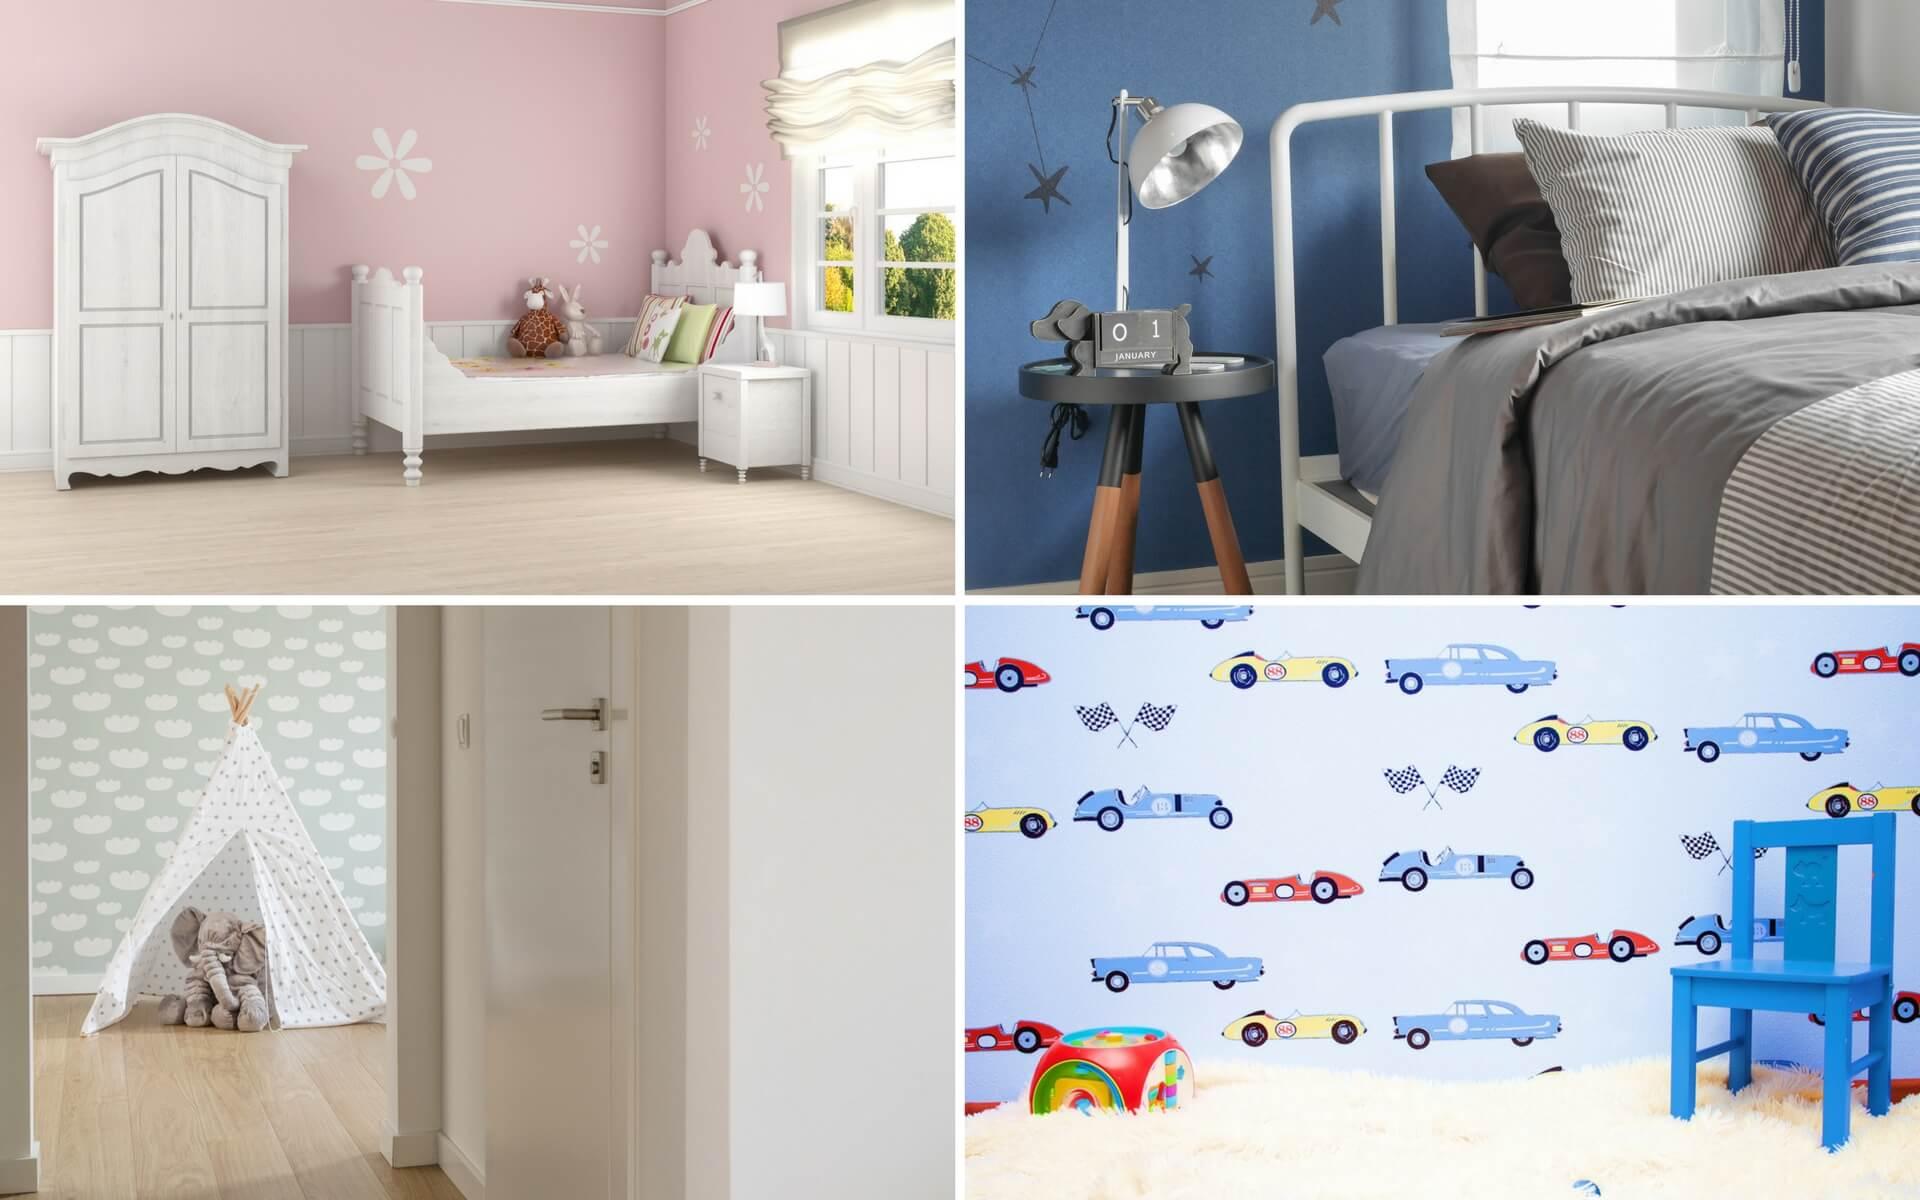 Carta Da Parati Stanza Bambini : Luminose interiore camera da letto per bambini con carta da parati